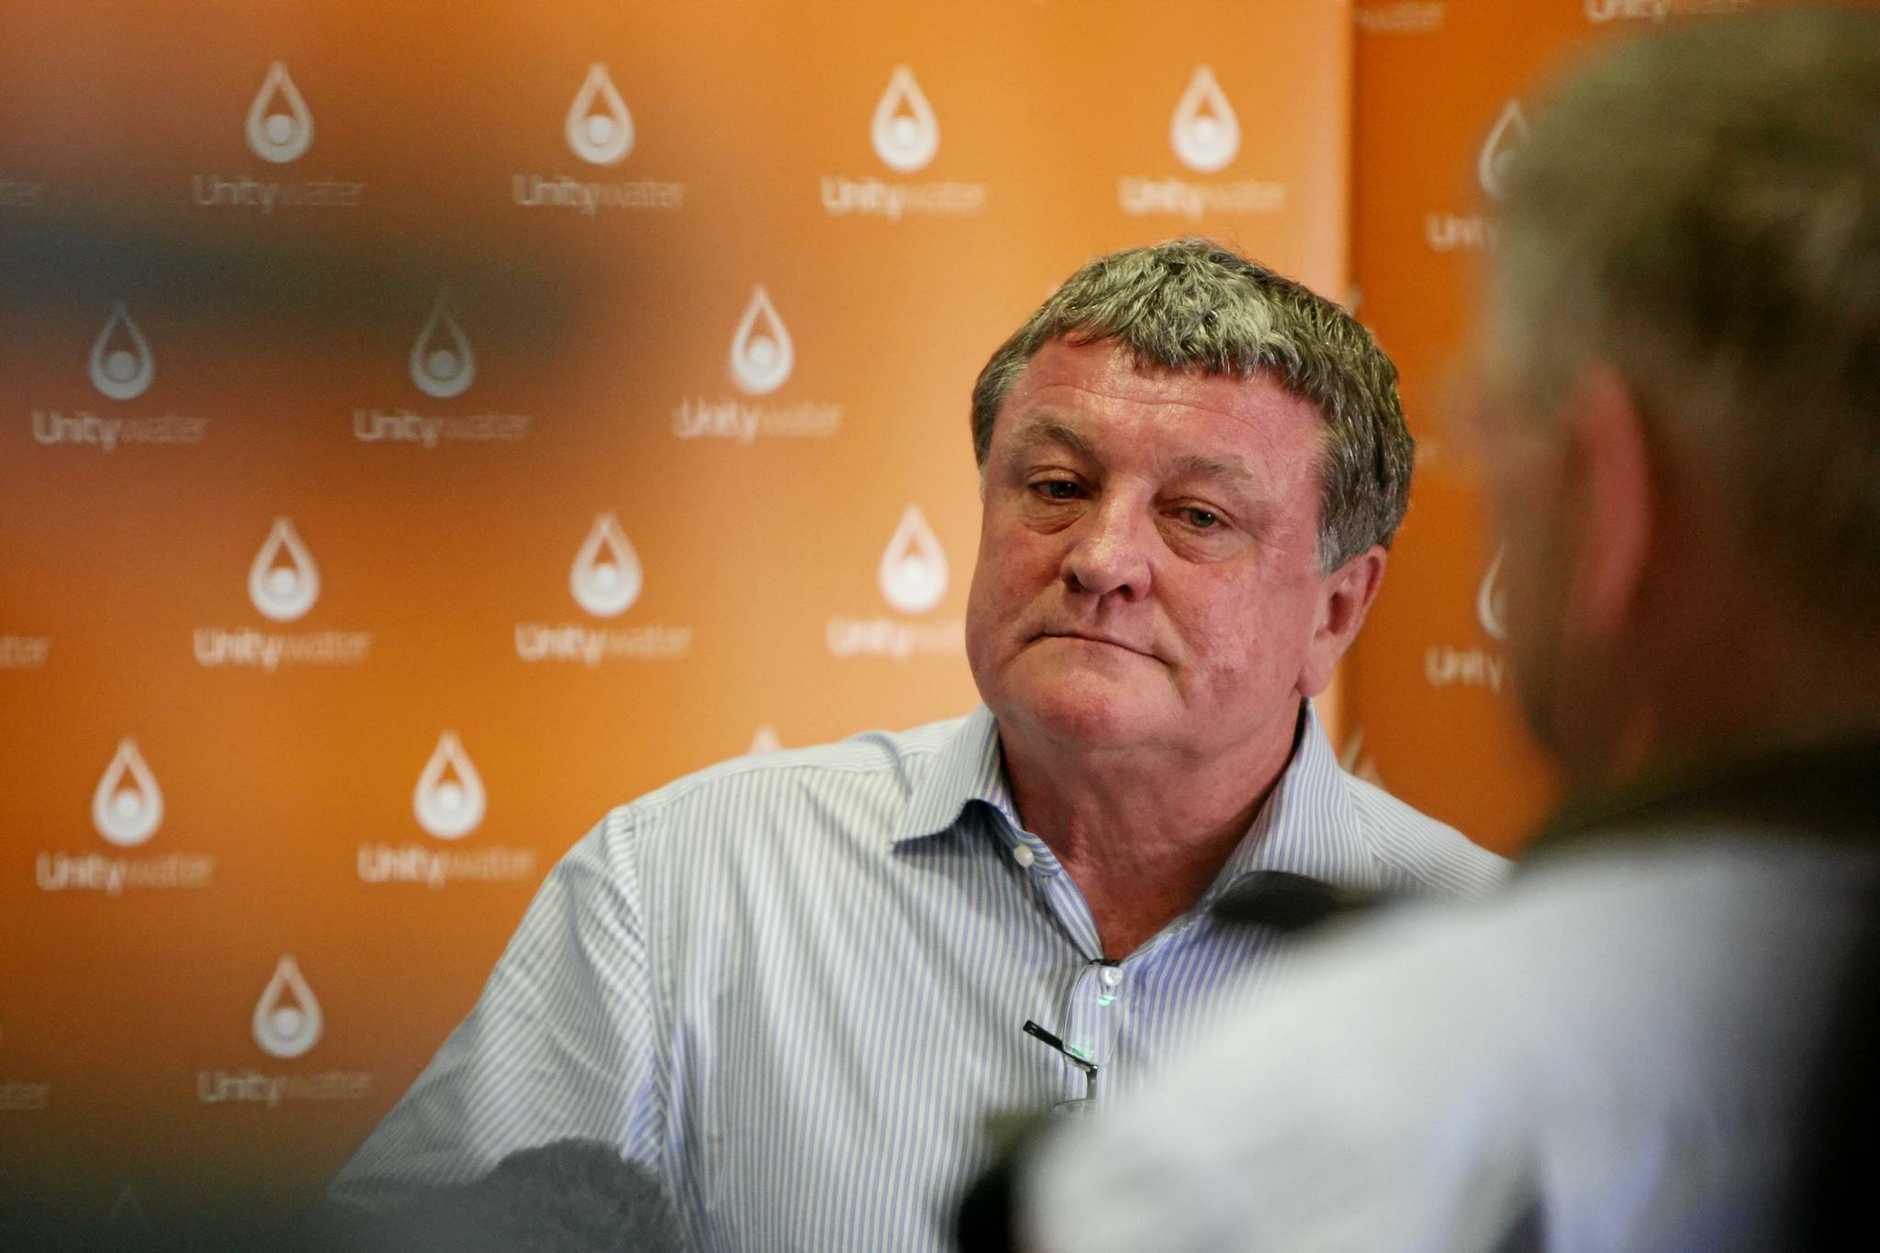 Unitywater chairman Jim Soorley.